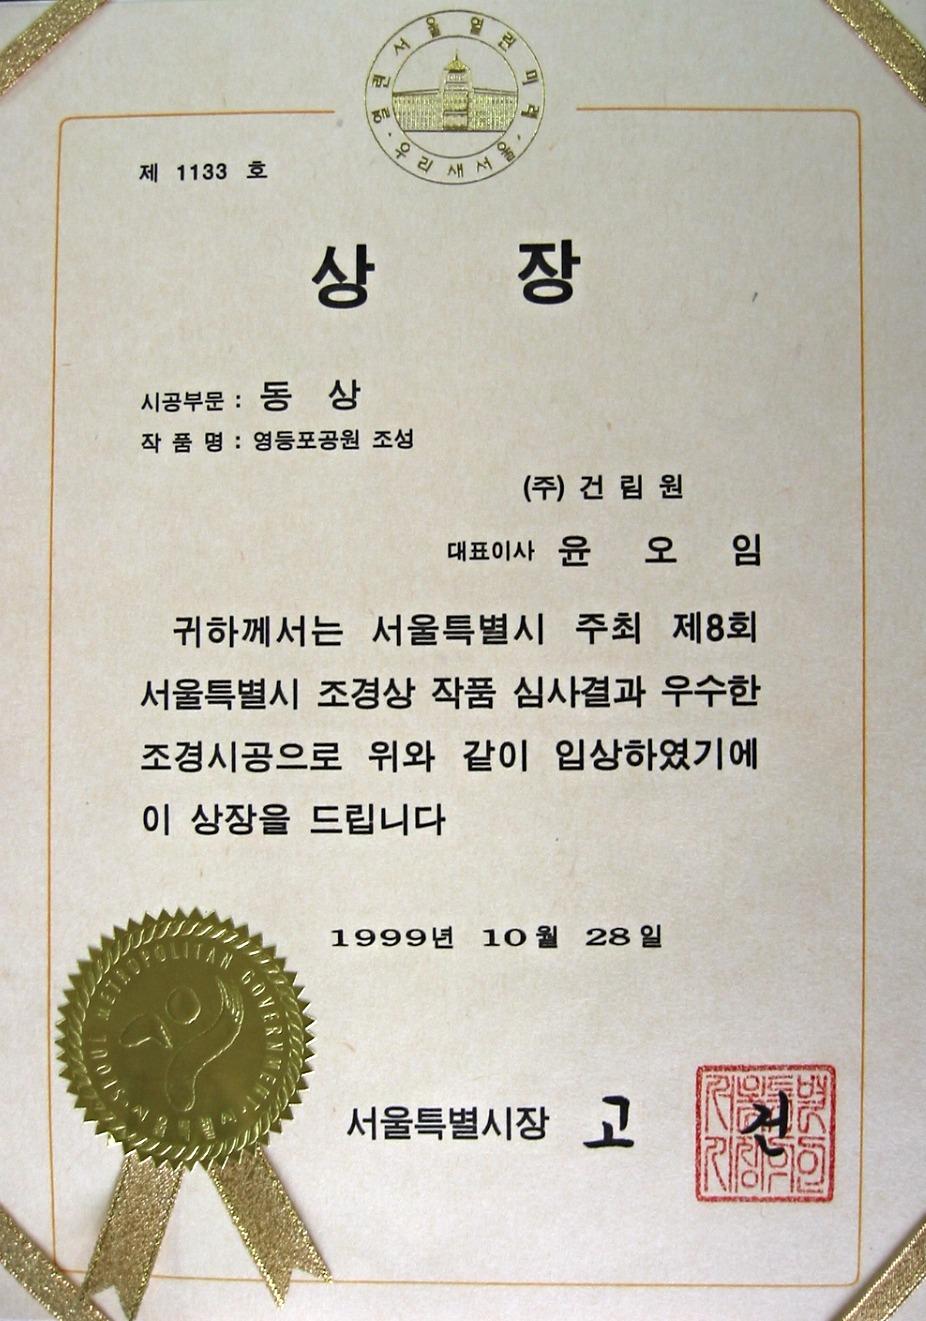 1999년 서울특별시 시공부문 동상 (영등포공원 조성)